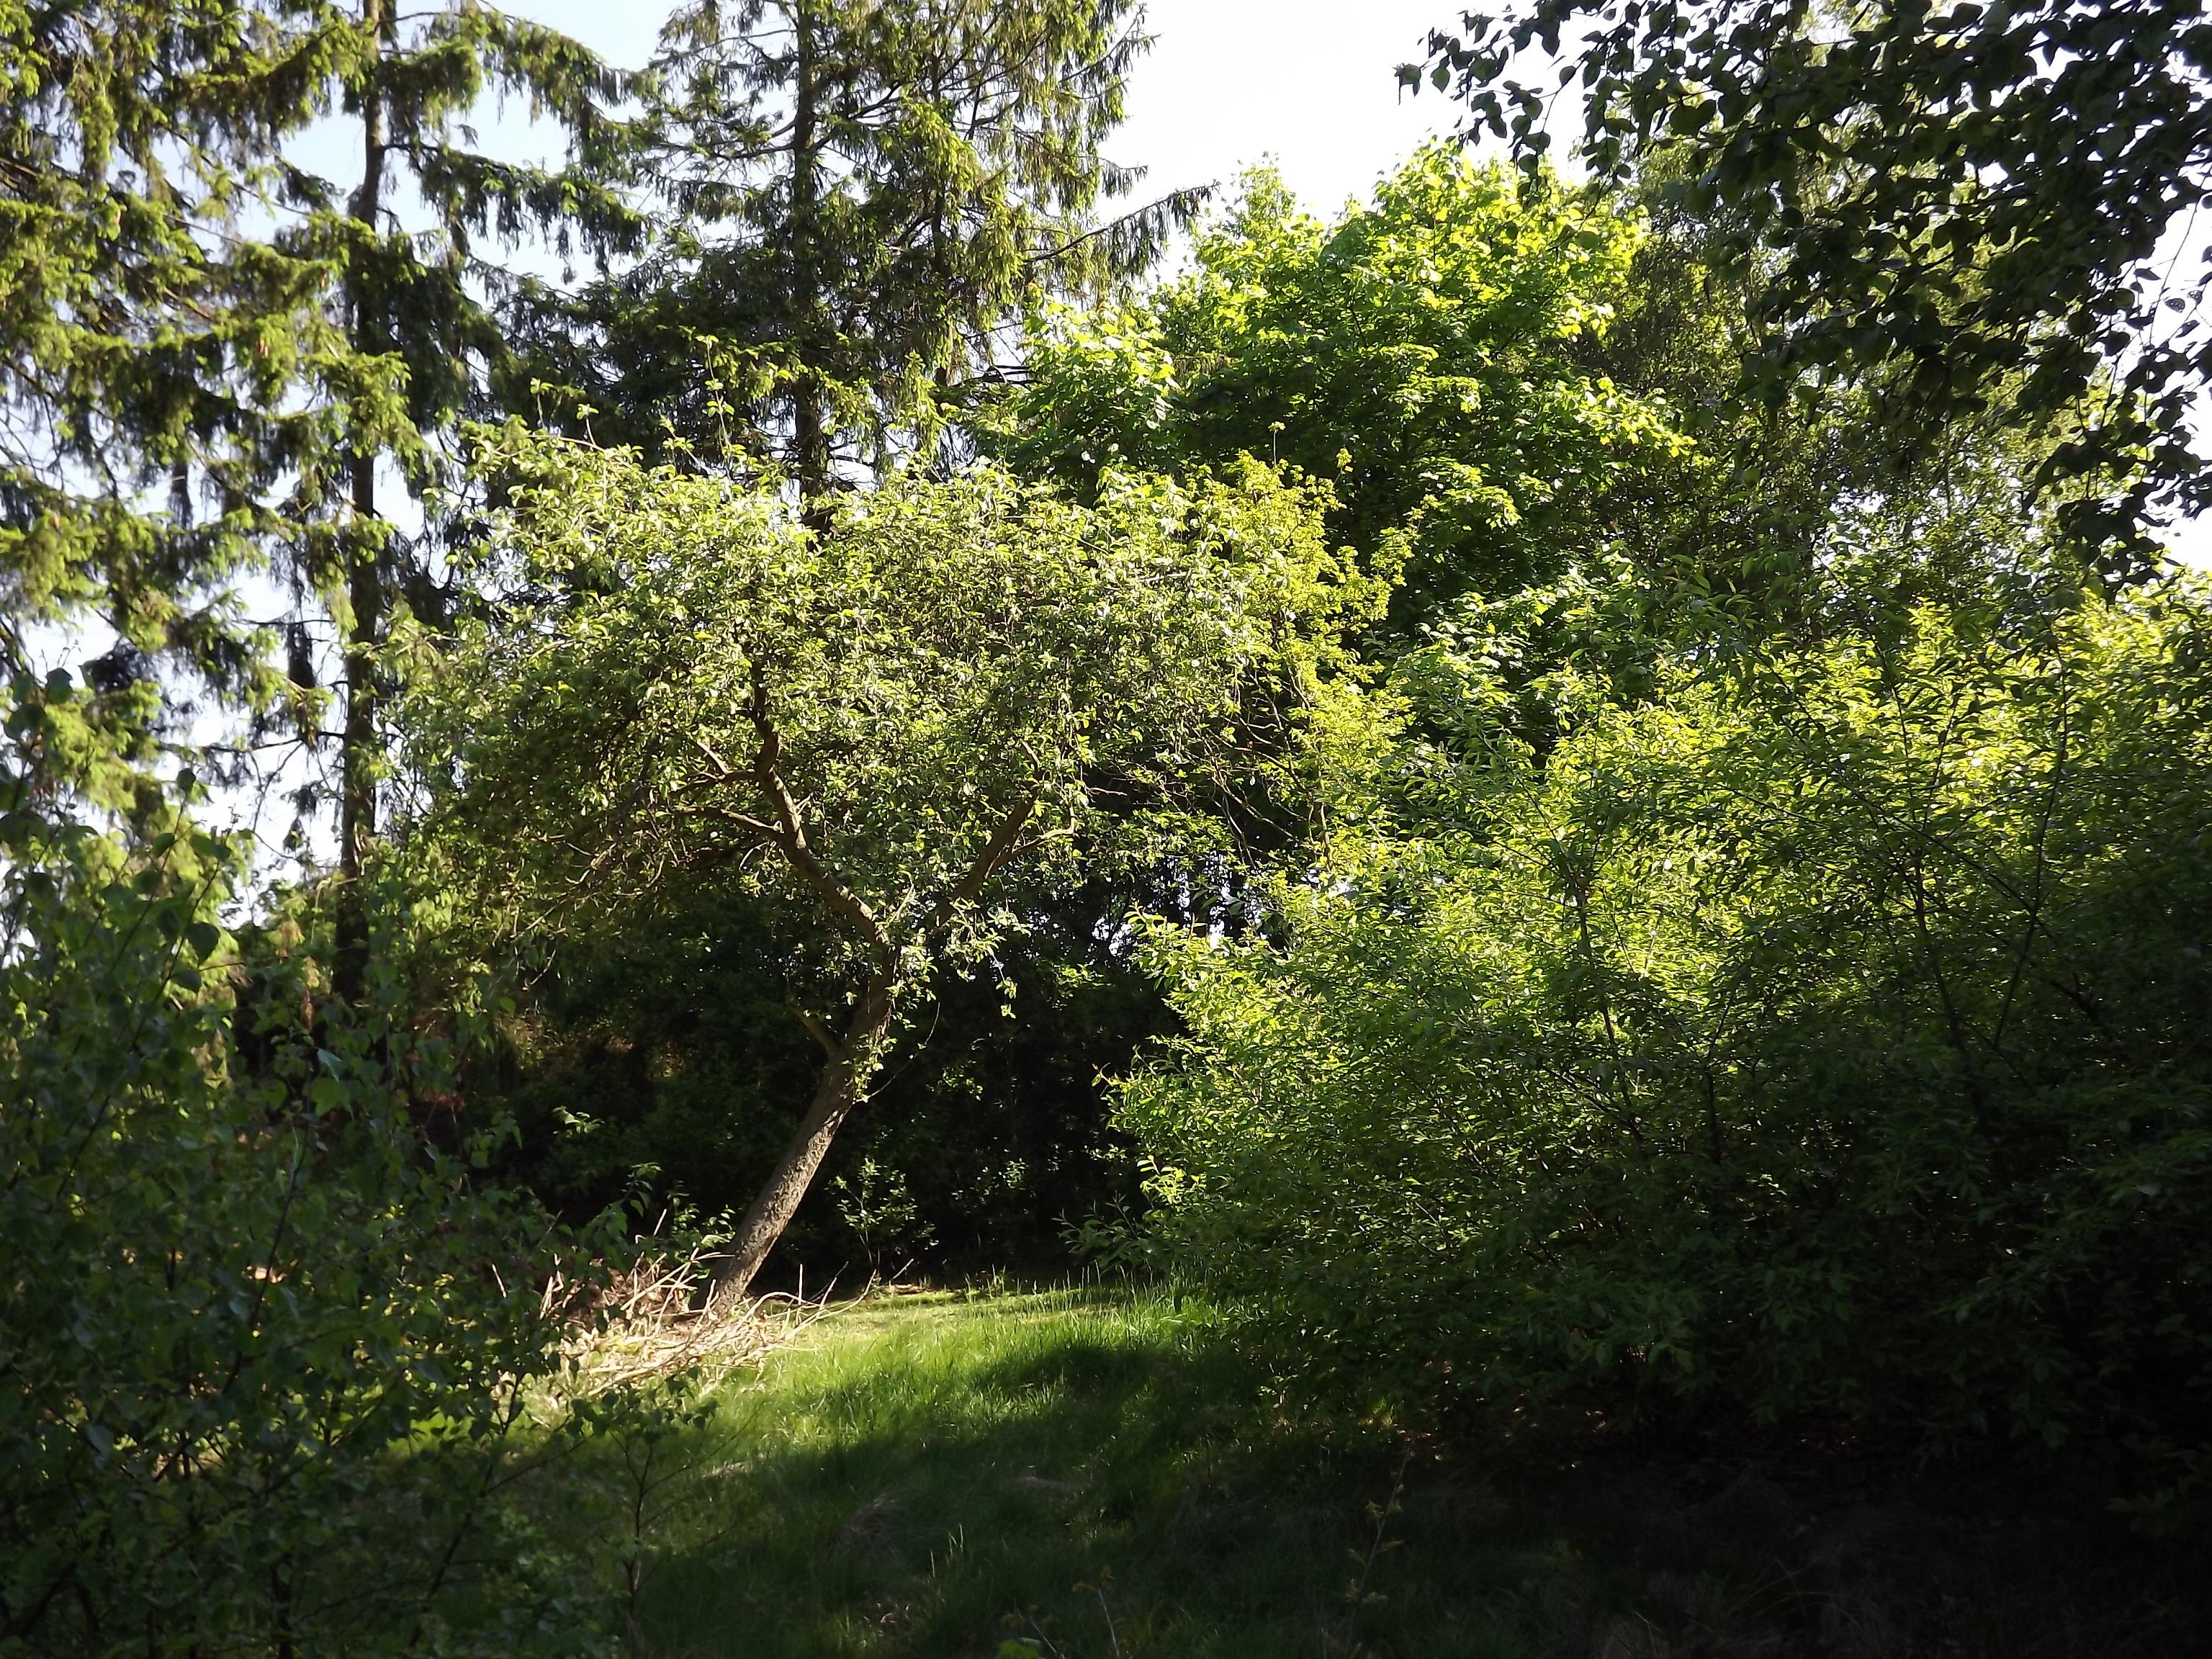 6071-apfelbaum